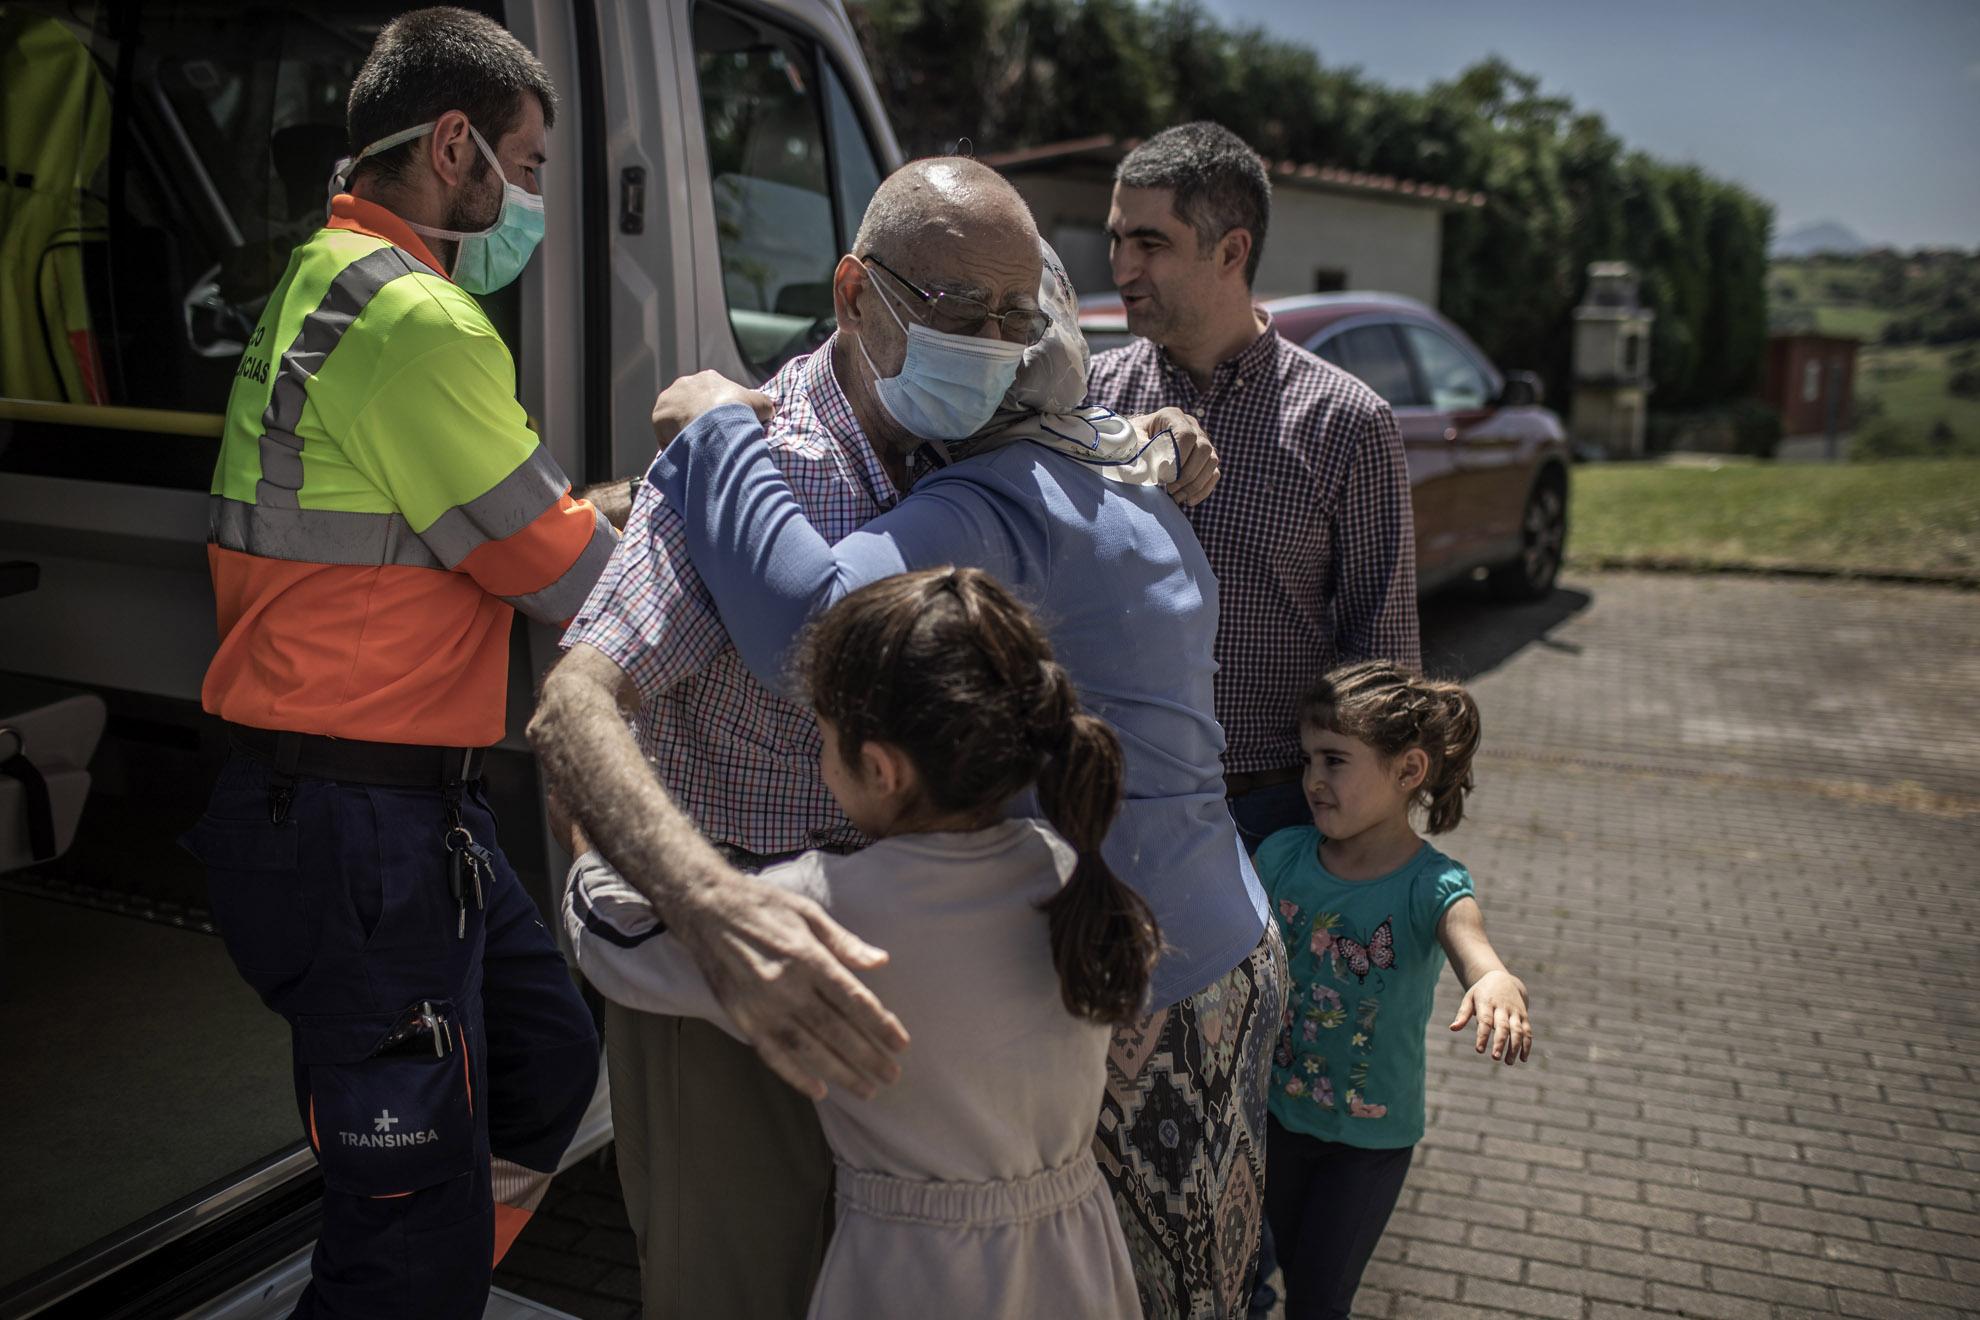 Después de dos meses en la UCI, el Dr. Yahia Zanabili, de 69 años, abraza a su esposa y a sus nietas al llegar a su casa en Oviedo, Asturias, España.